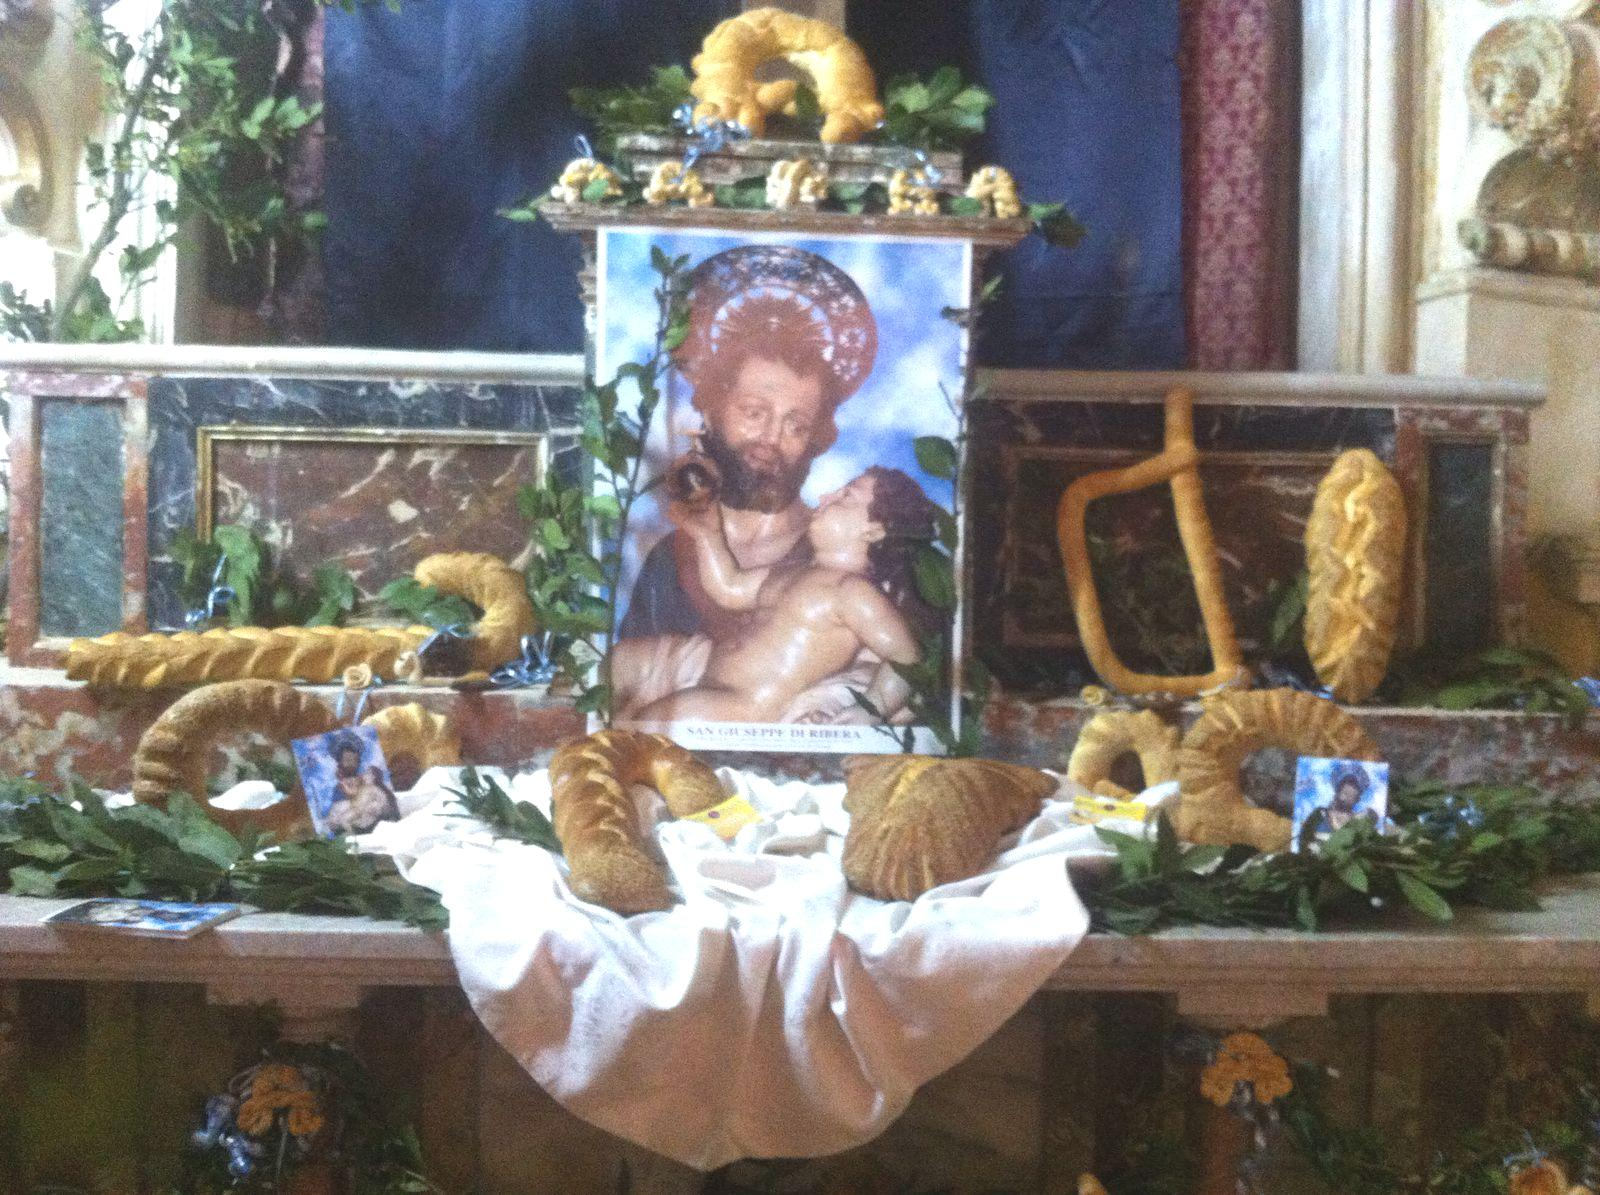 Ribera: L'altare di San Giuseppe in trasferta in provincia di Trapani | Ripost